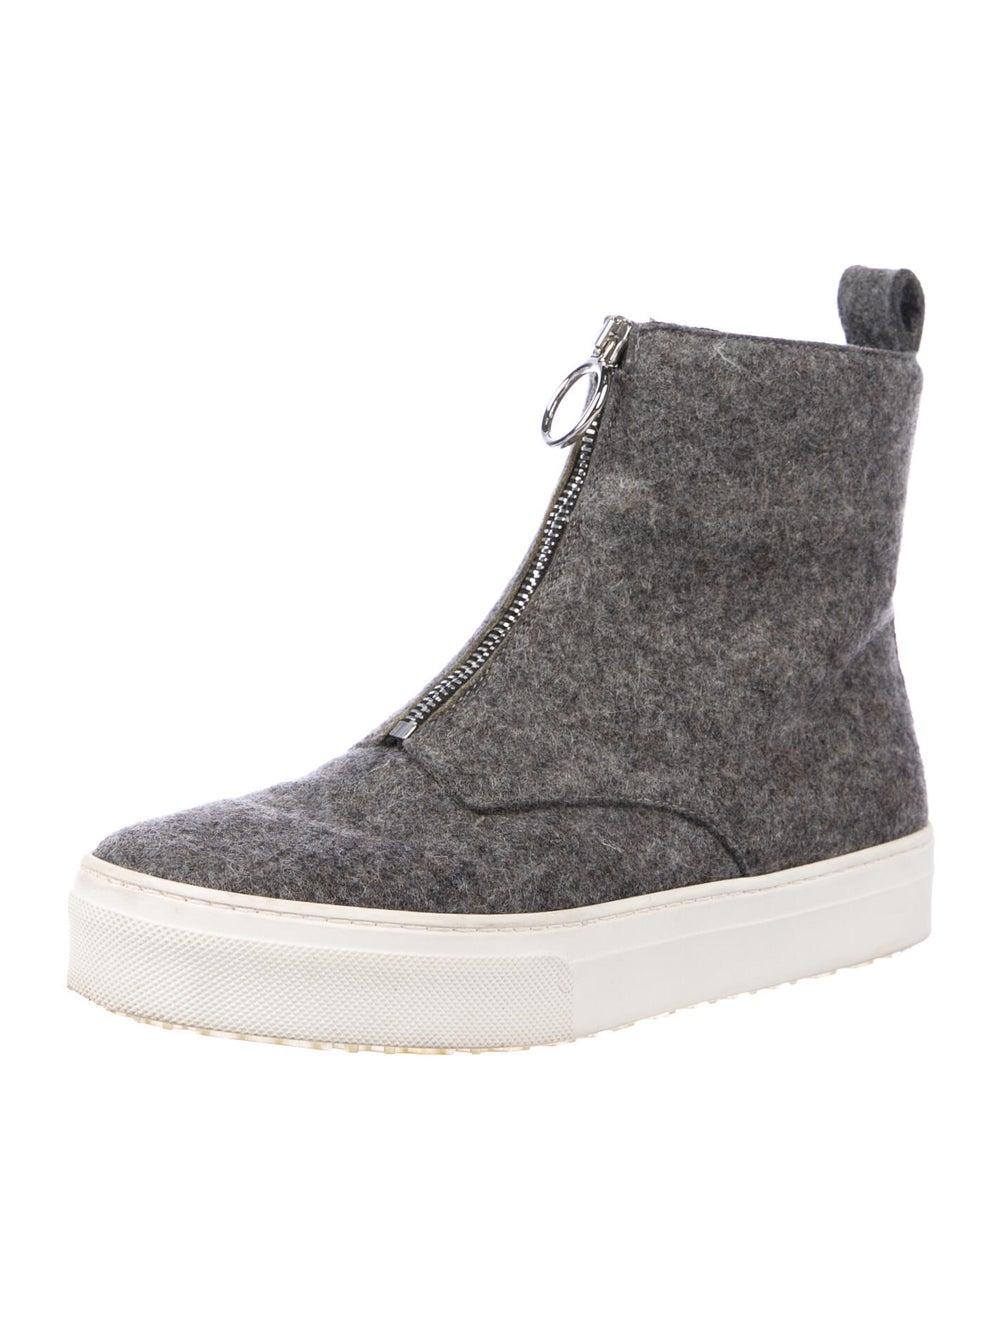 Celine Sneakers Grey - image 2